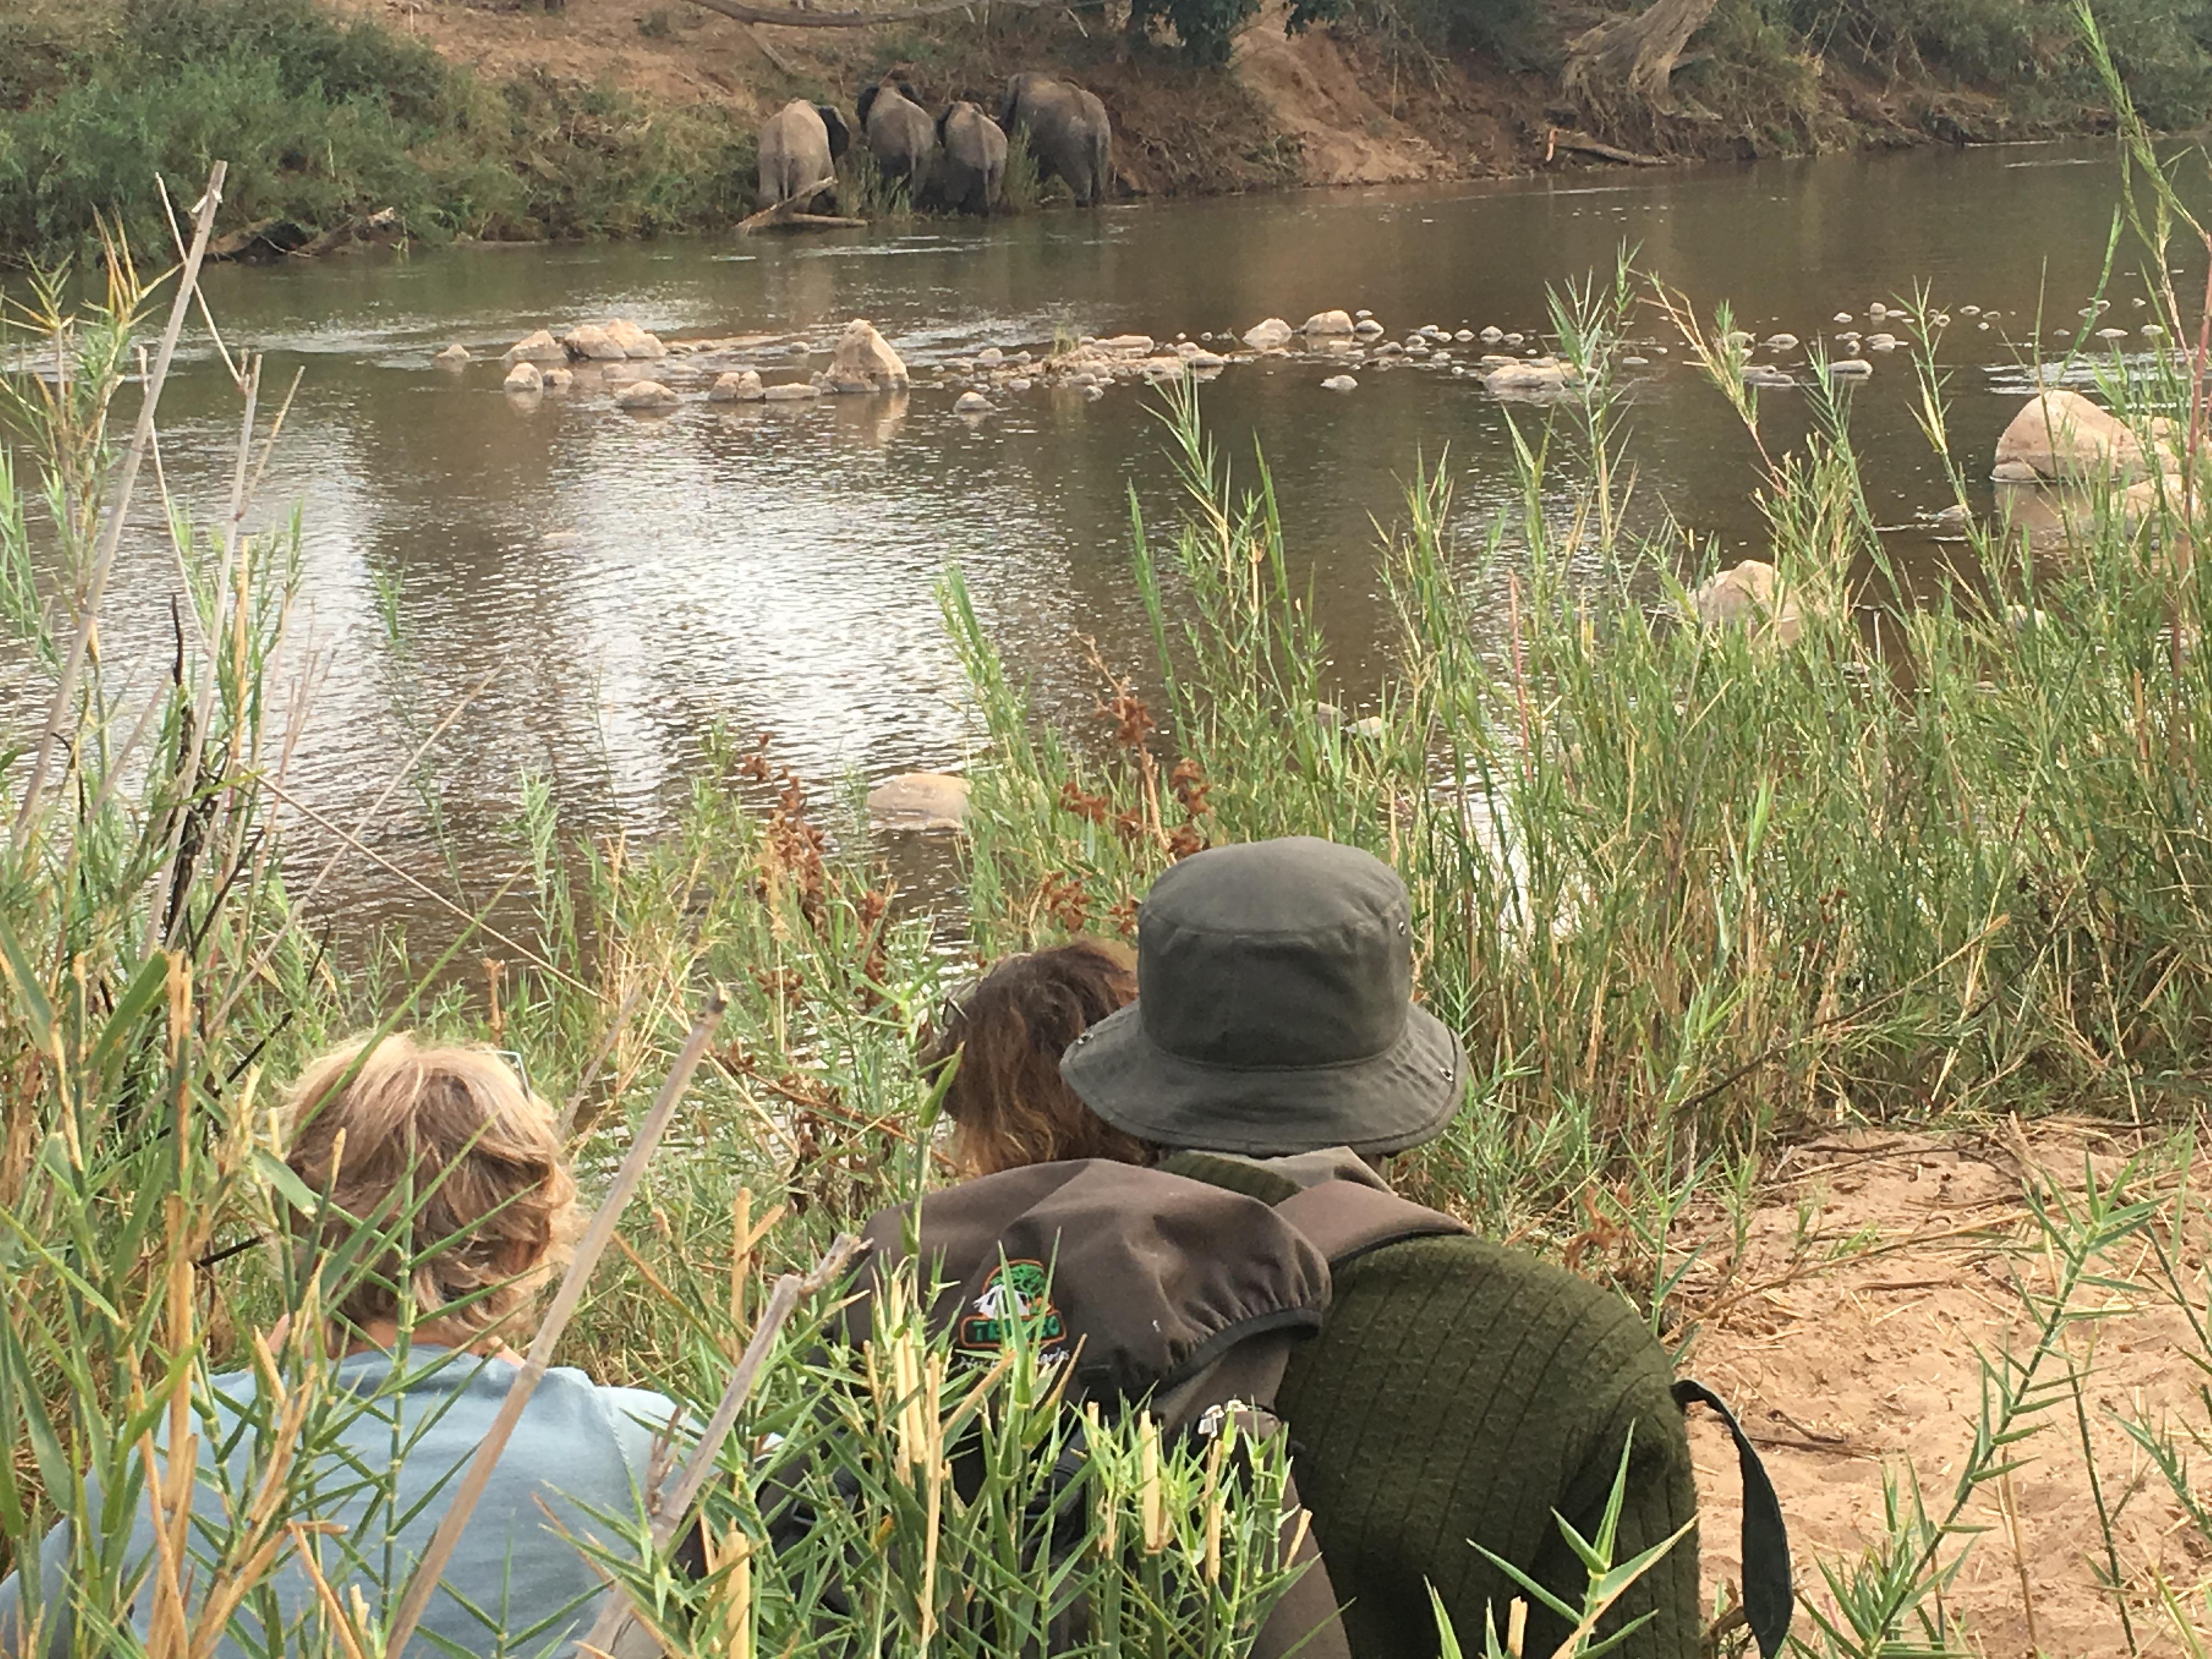 Wildtier-Beobachtung mit deutschem Übersetzer in Südafrikas Greater Kruger Nationalpark